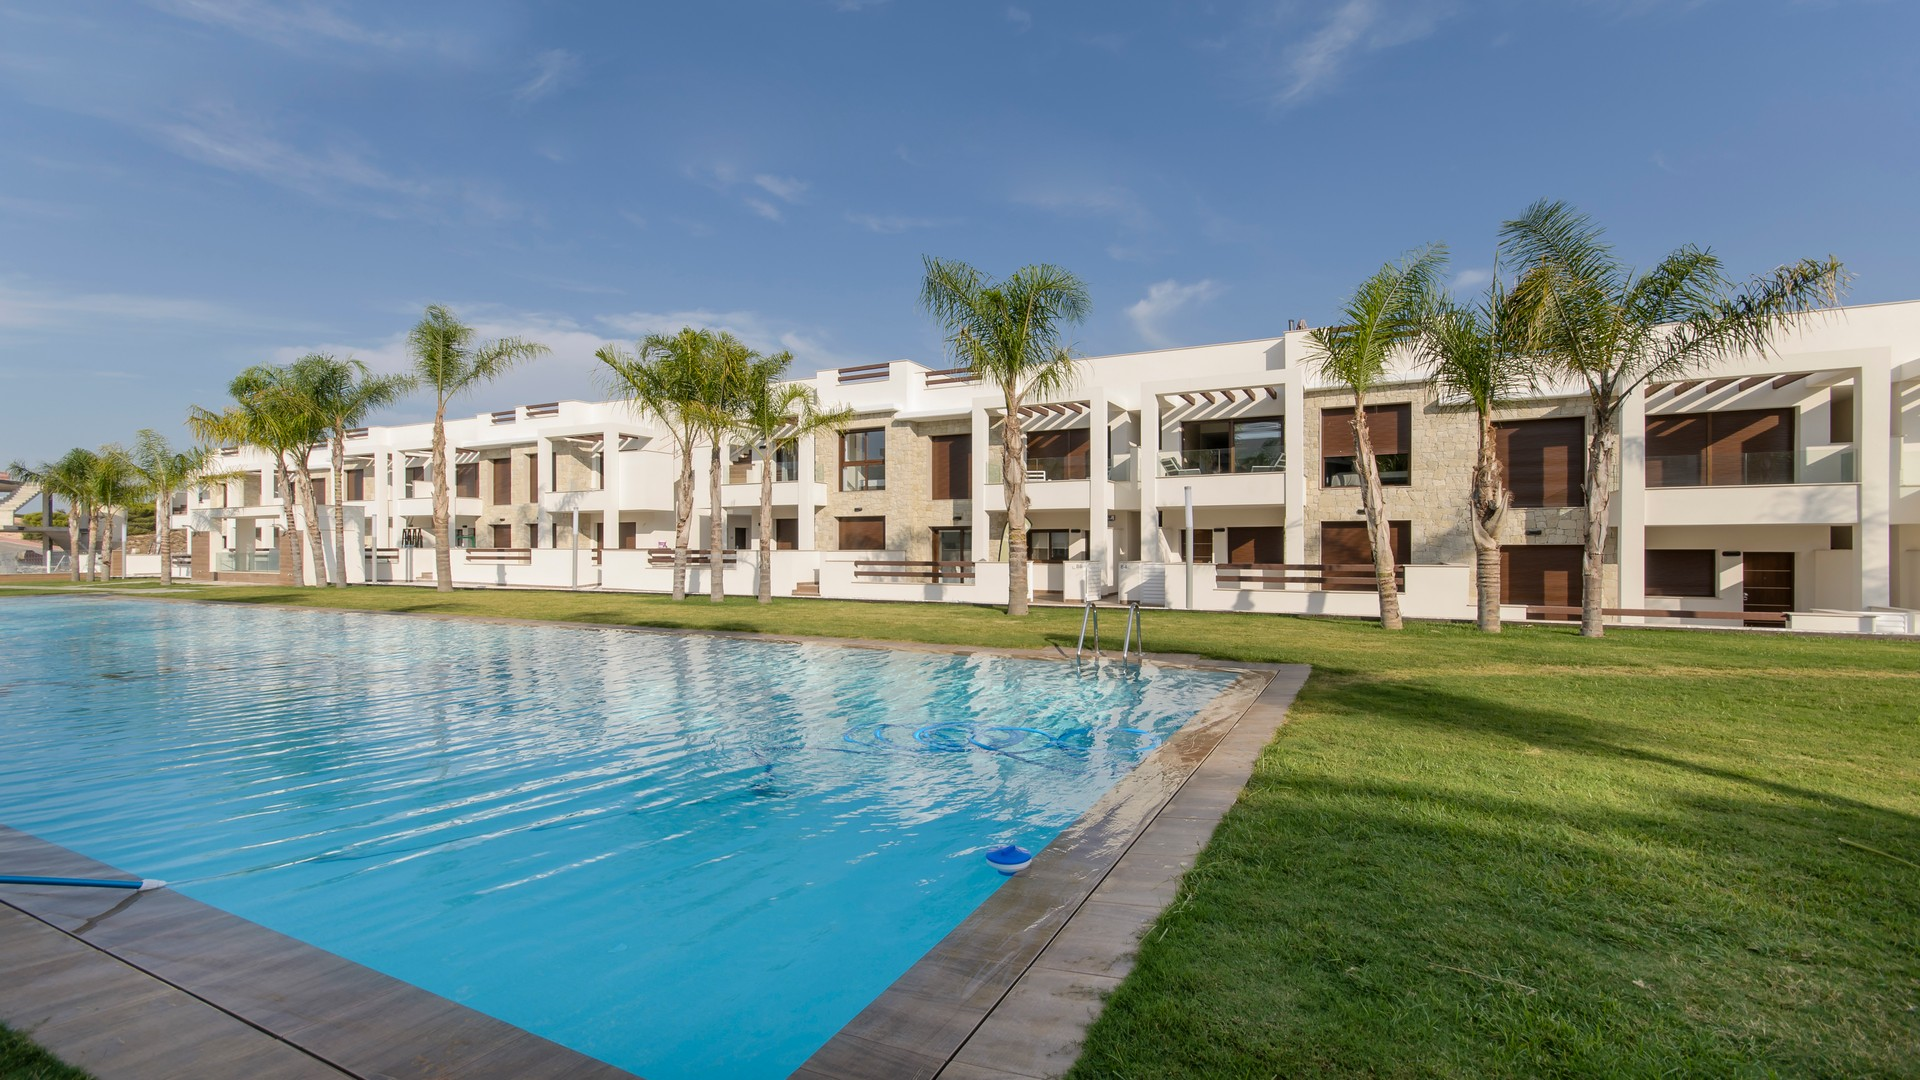 New build villas 3 bedrooms in Torrevieja